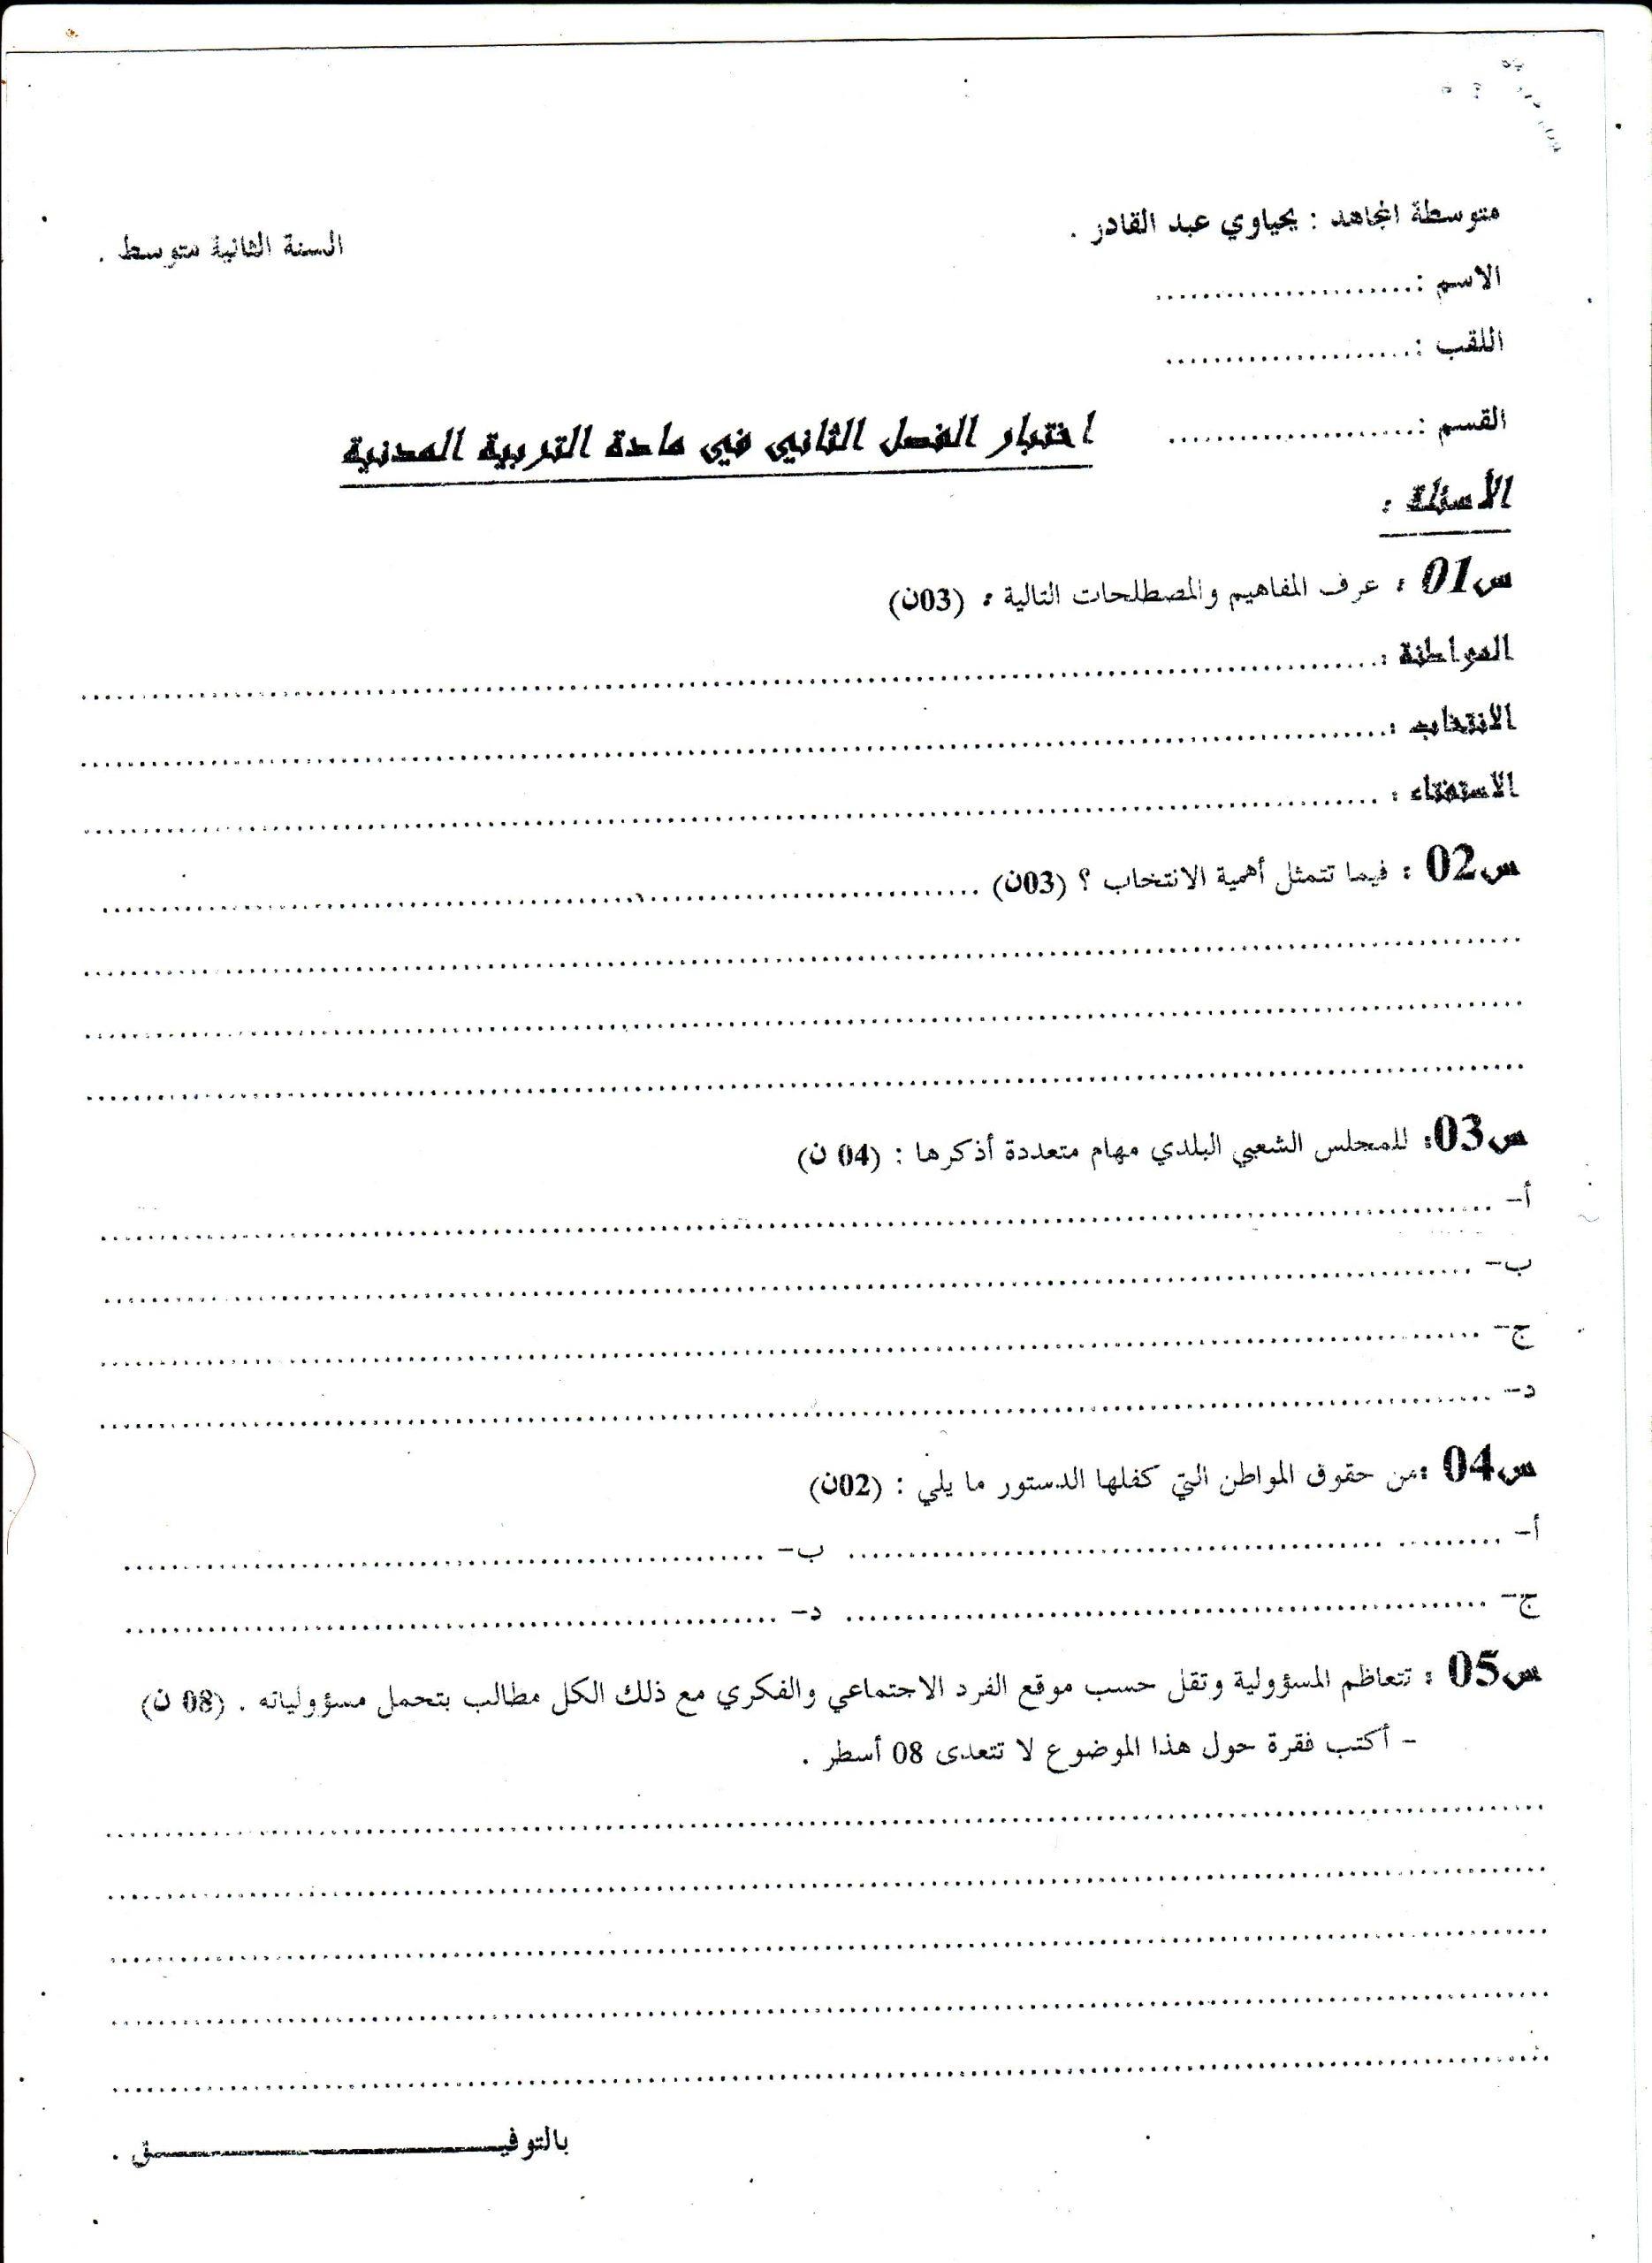 اختبار الفصل الثاني في التربية المدنية للسنة الثانية متوسط - الموضوع 02